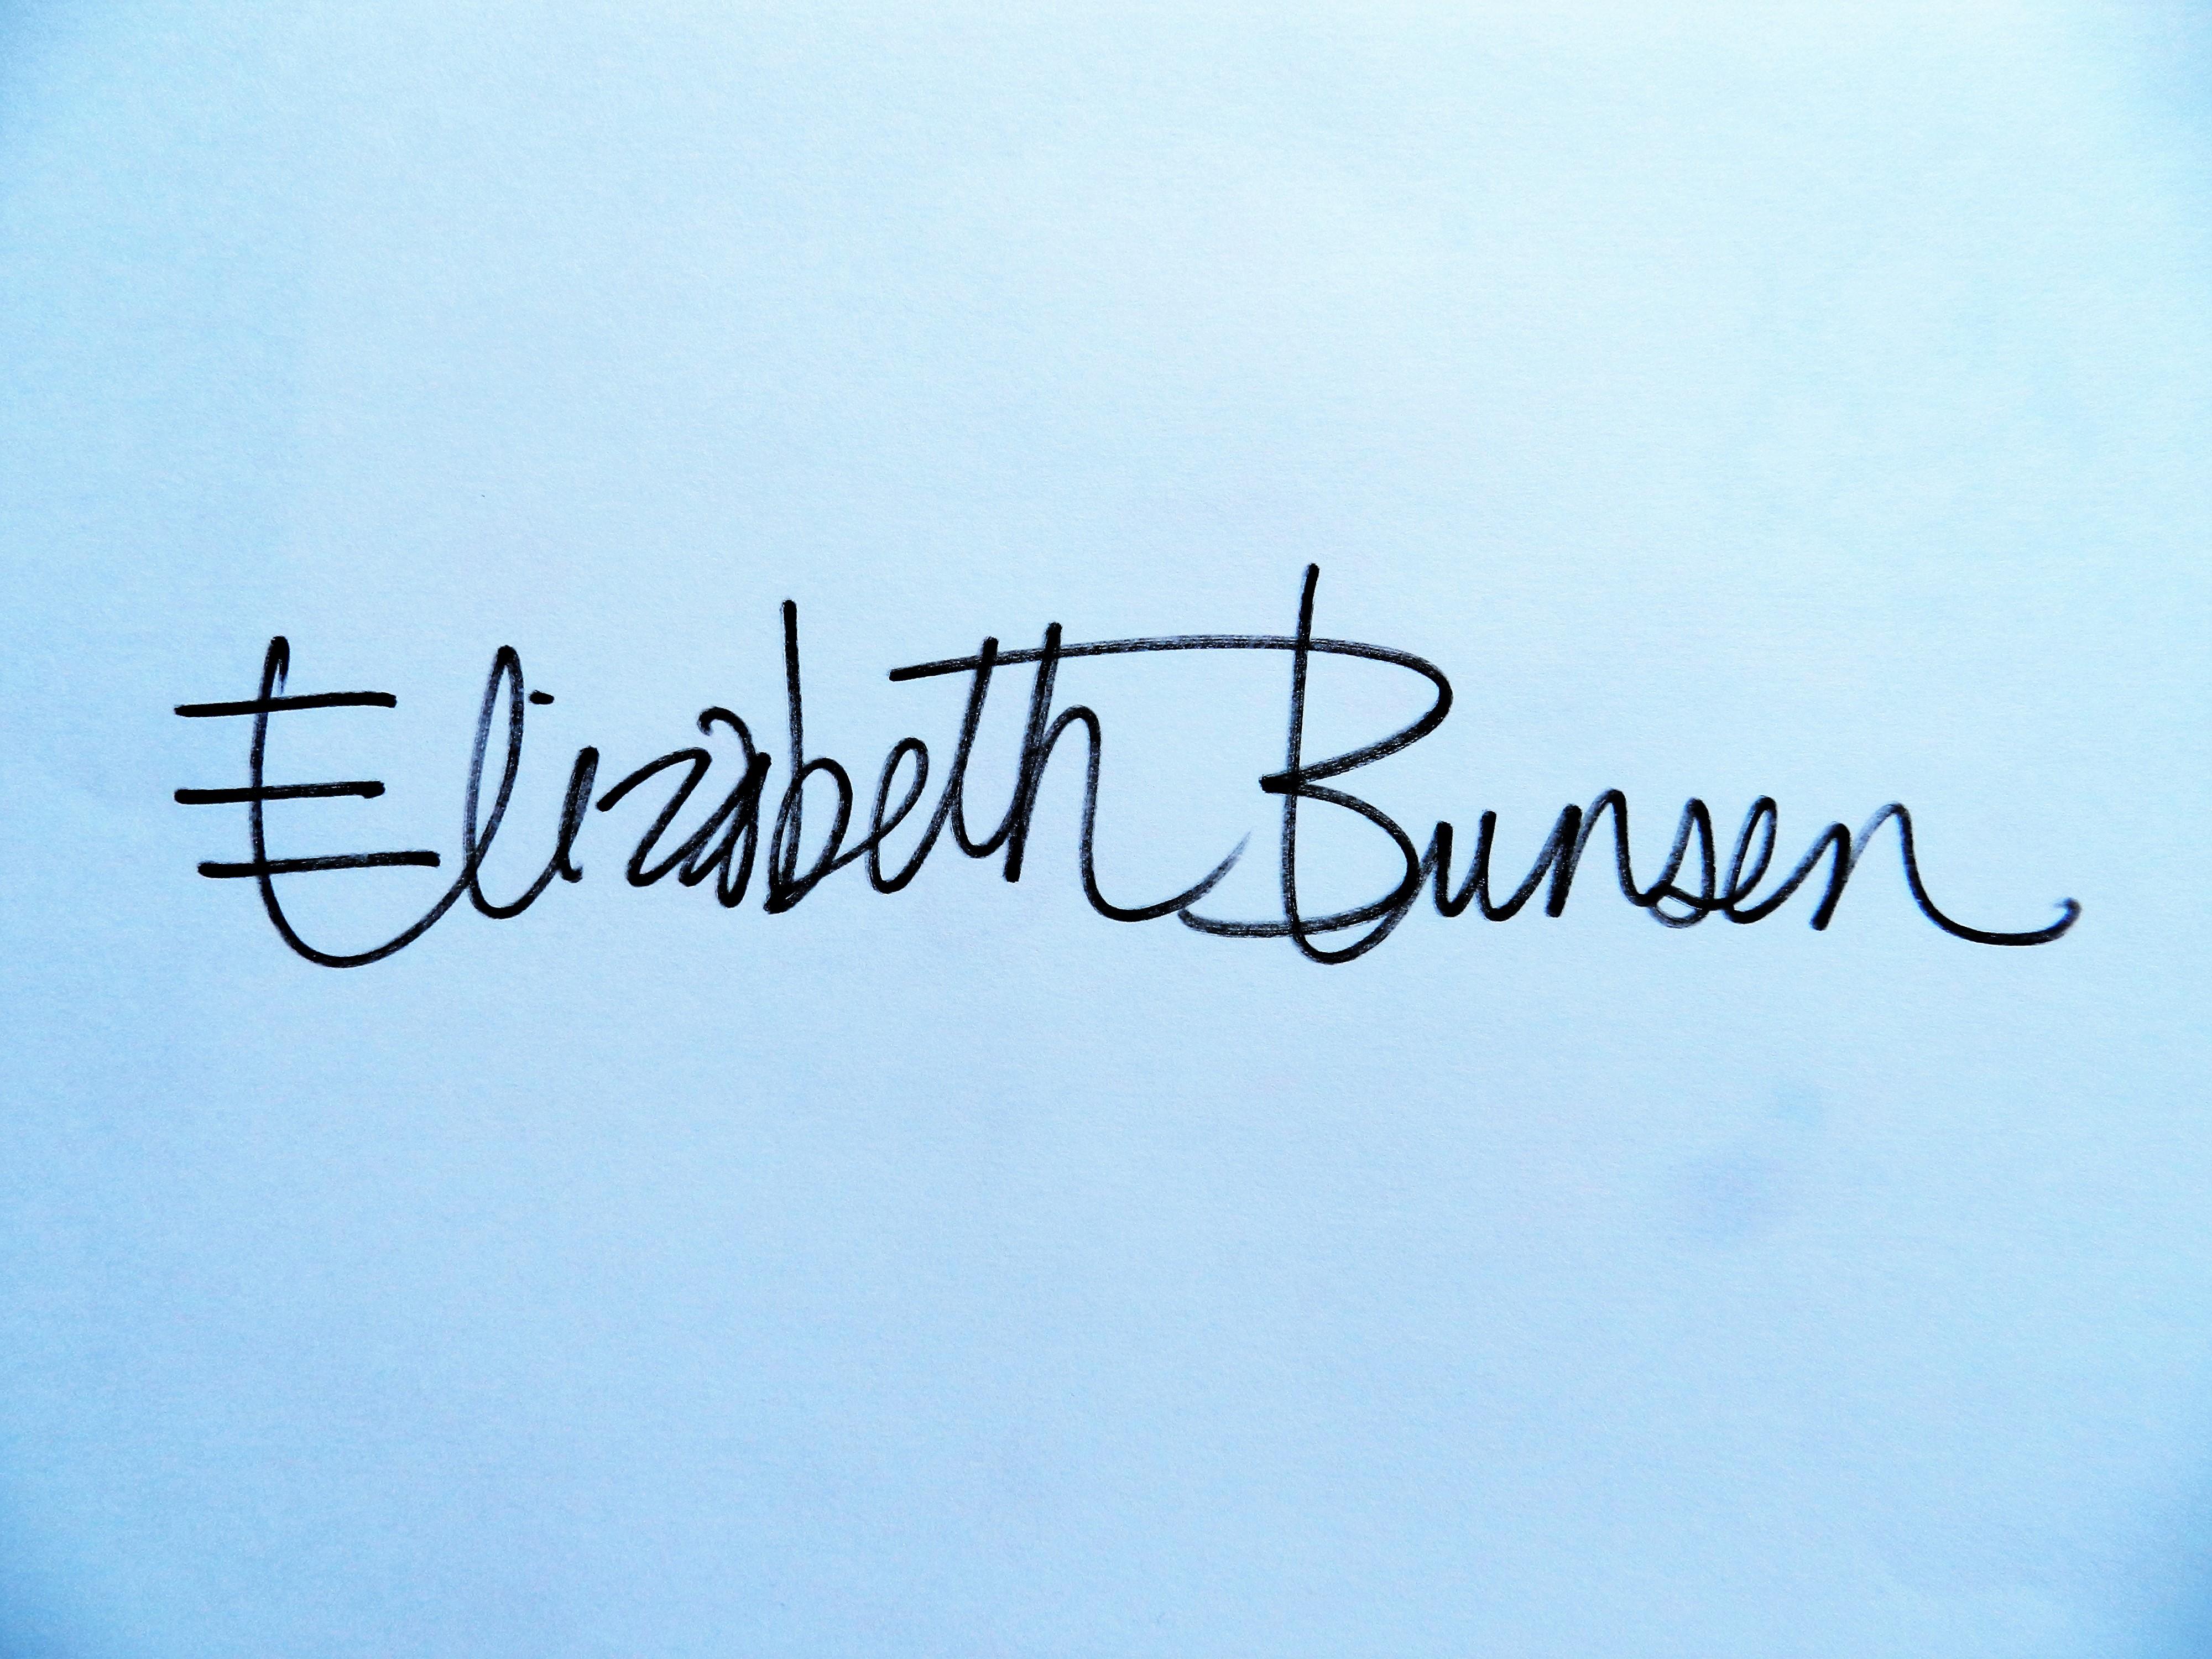 Elizabeth Bunsen's Signature